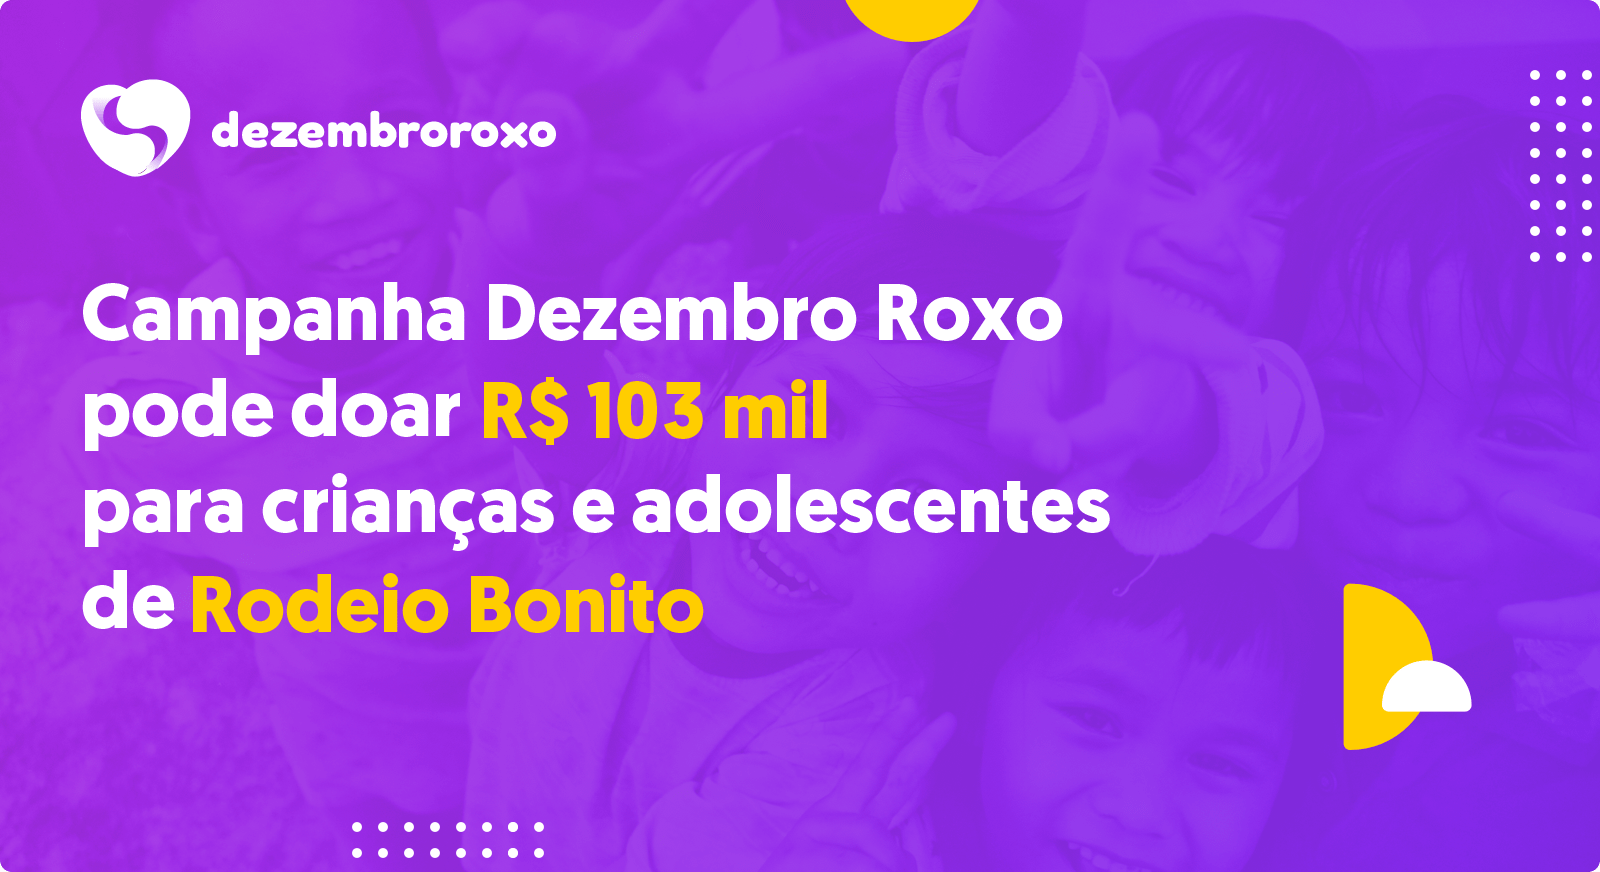 Doações em Rodeio Bonito - RS